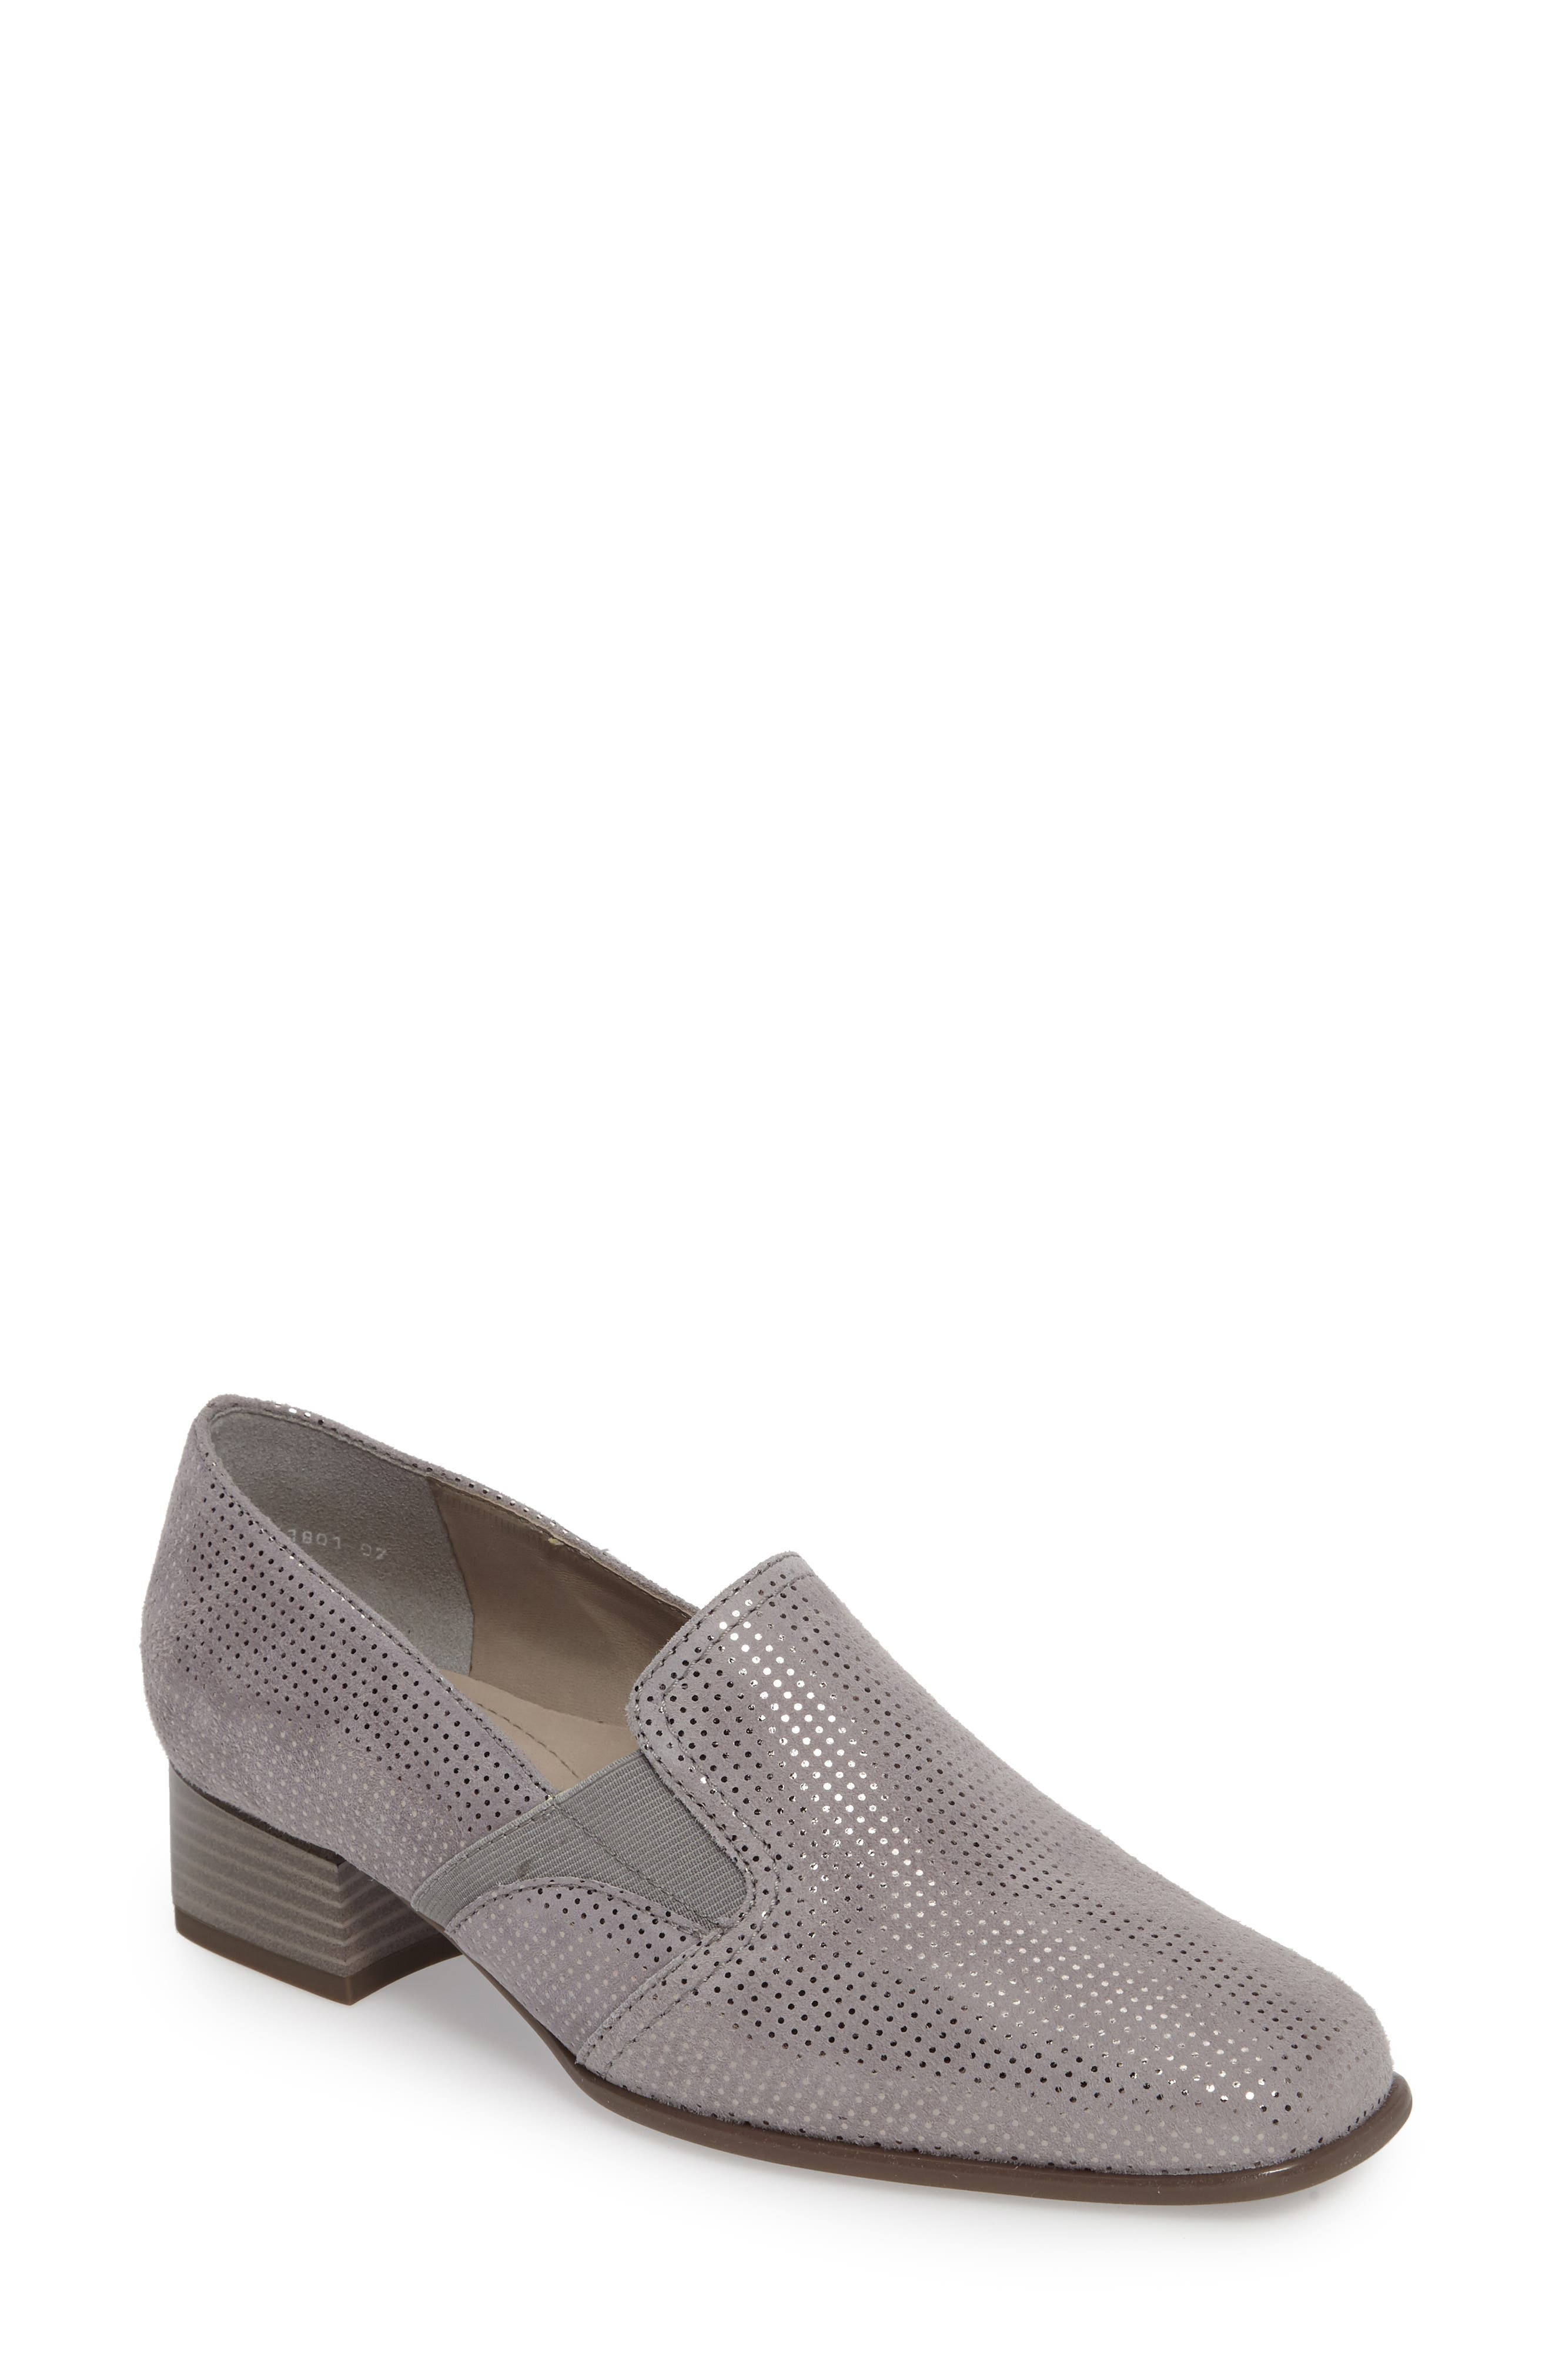 Grace Pump,                             Main thumbnail 1, color,                             Grey Leather